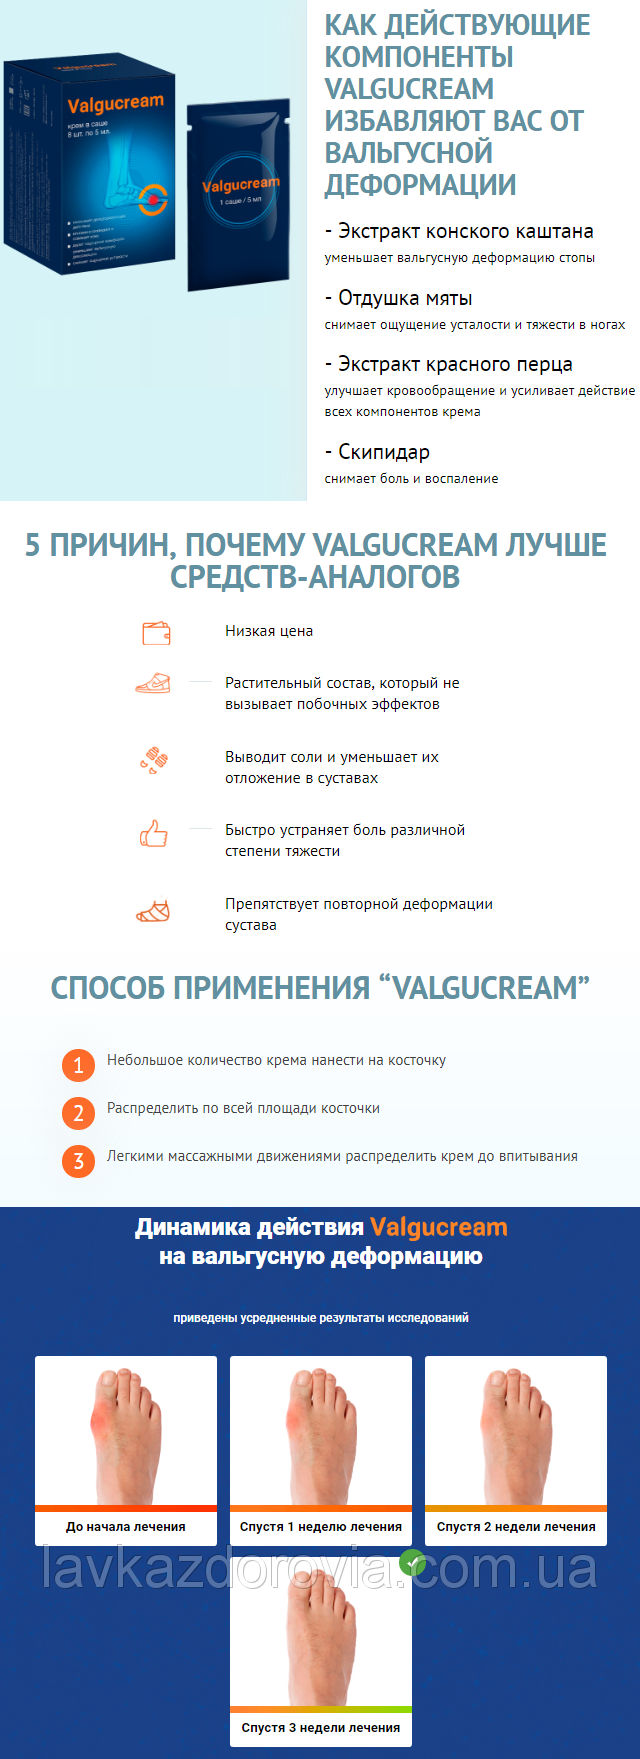 Valgucream - крем от вальгусной деформации в Киселёвске